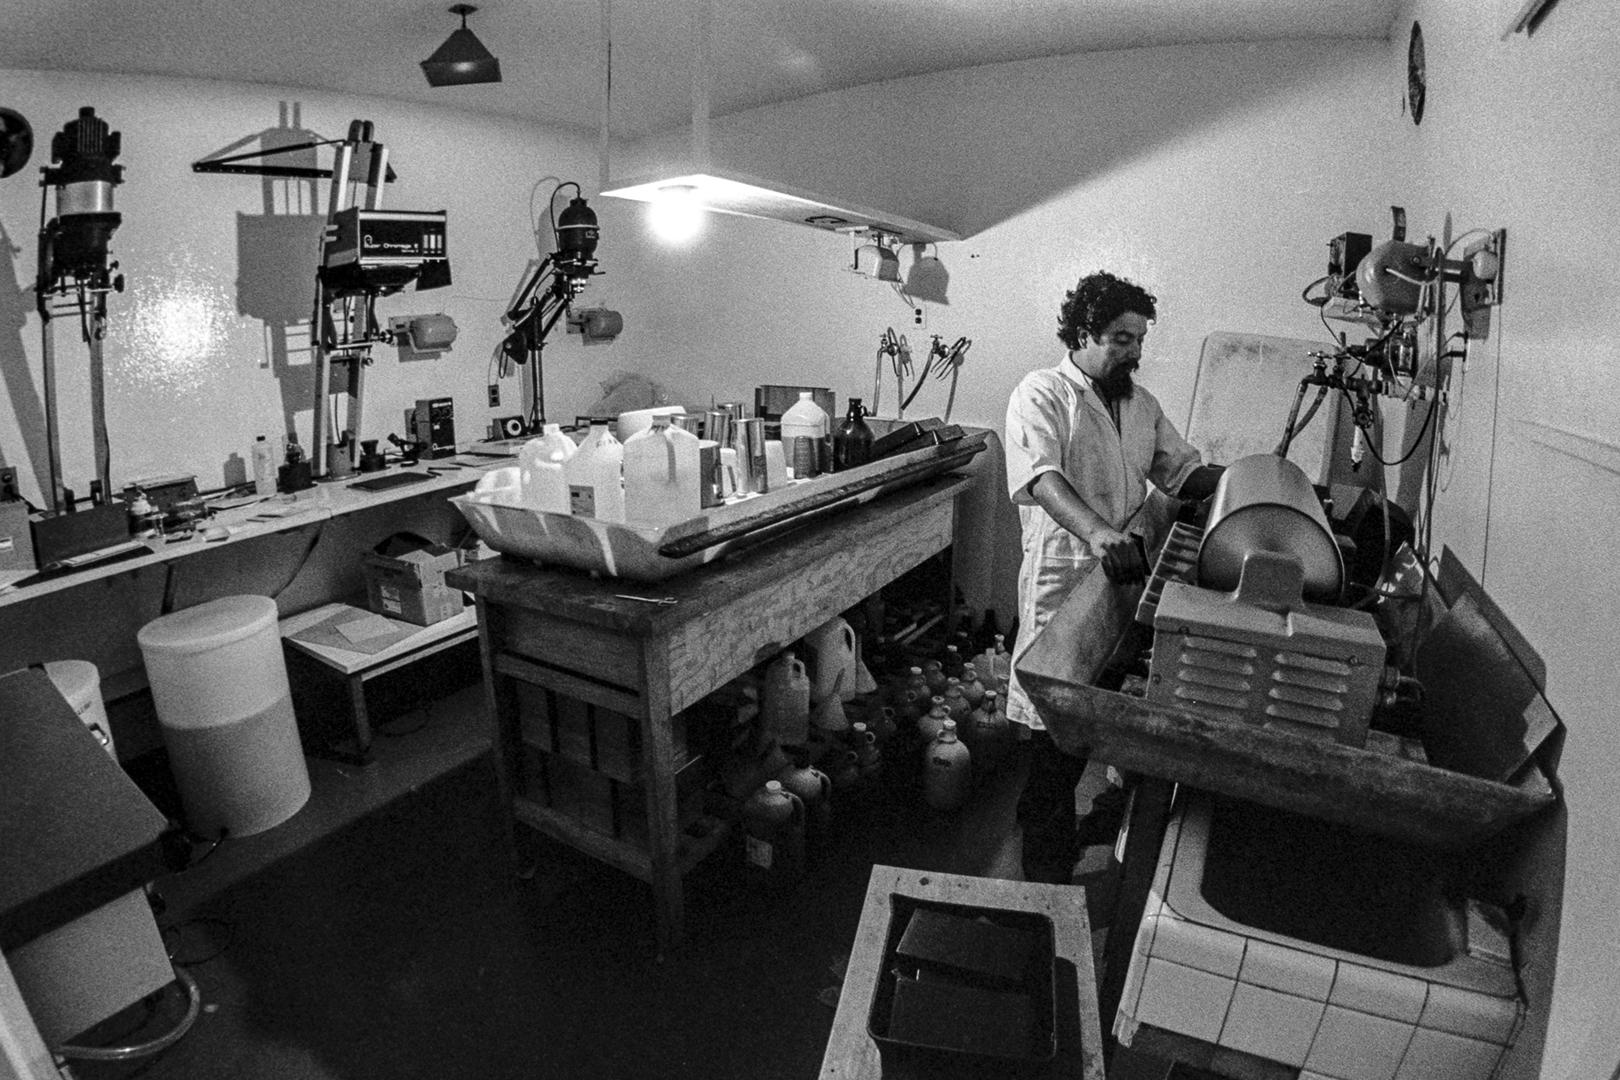 Schalwijk's lifetime asistant,Javier Tinoco, working in the enlarger room.